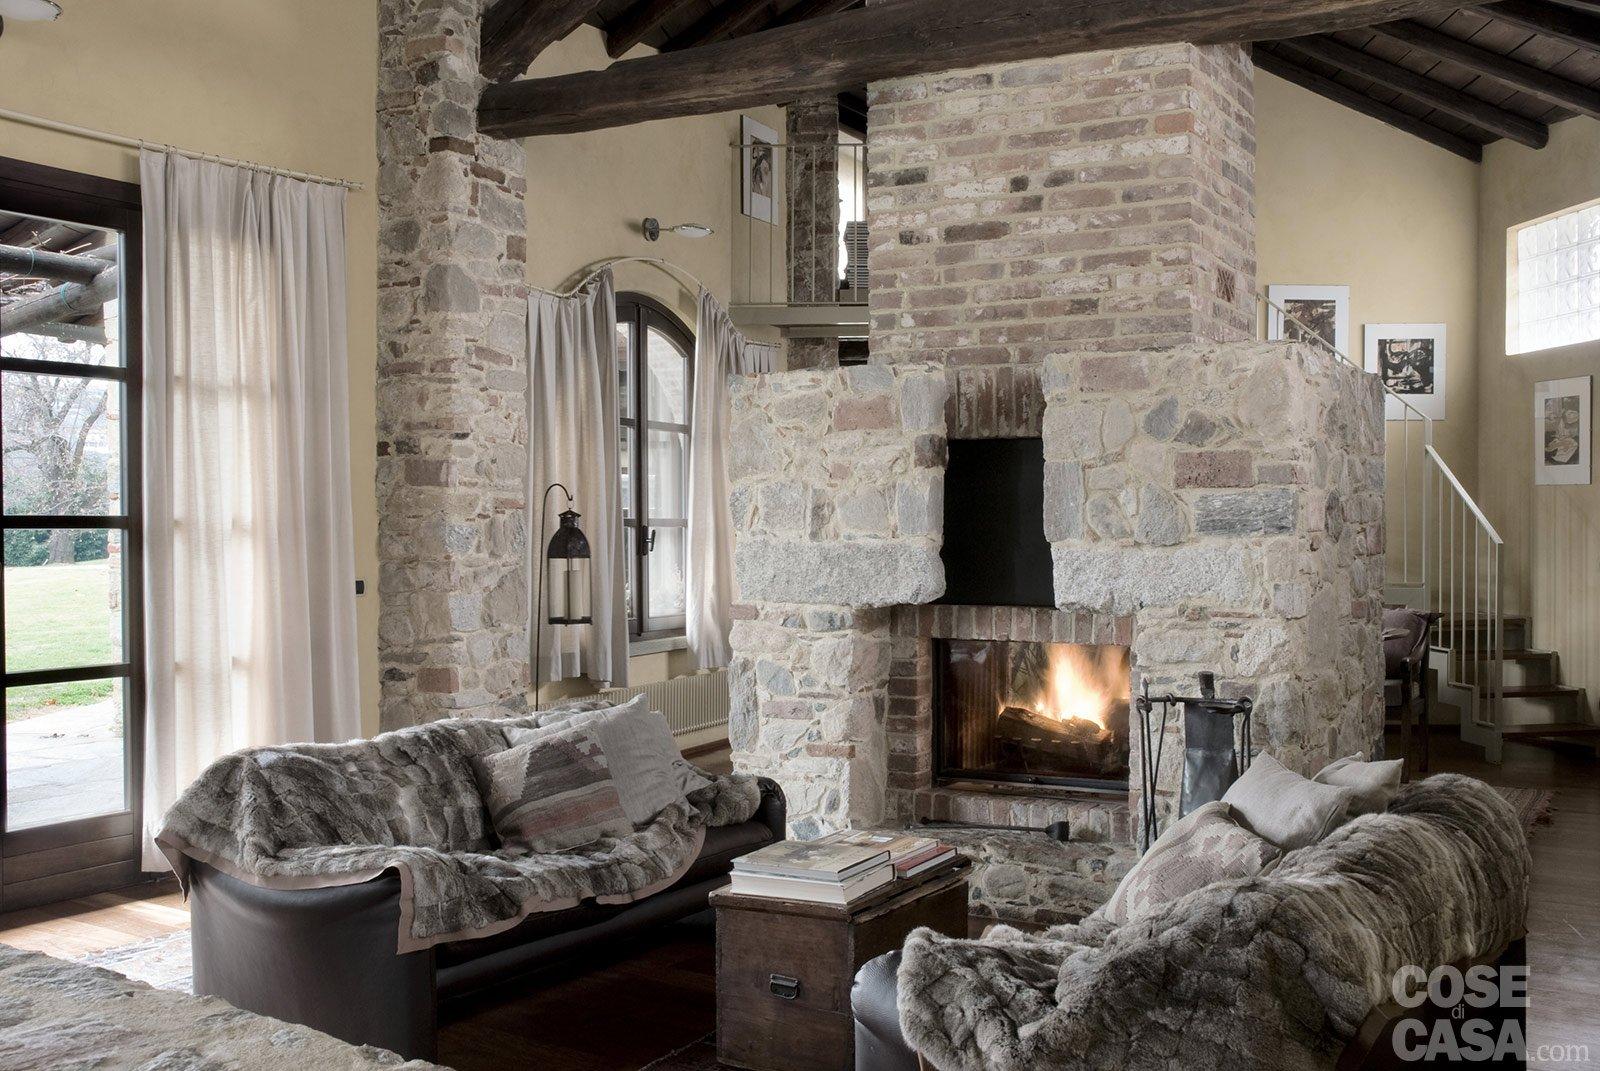 Una Casa Rimessa A Nuovo Conservando Cose Di Casa #2E2721 1600 1071 Tavolo Da Pranzo Chateau D'ax